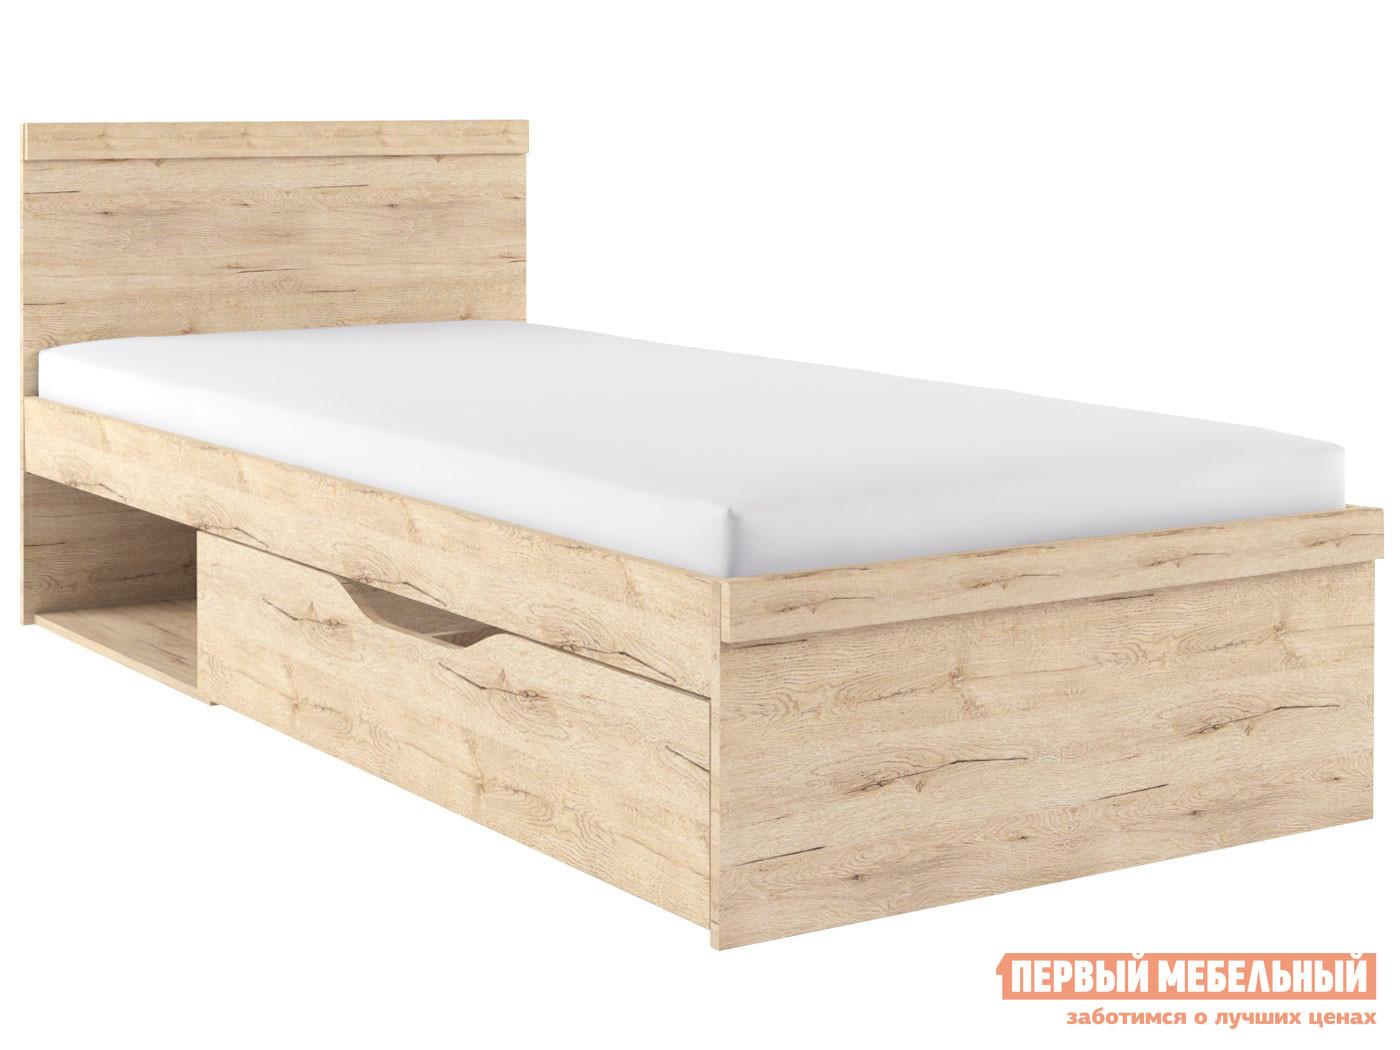 Односпальная кровать Первый Мебельный Кровать с ящиком Оскар односпальная кровать с ящиками первый мебельный кровать сакура